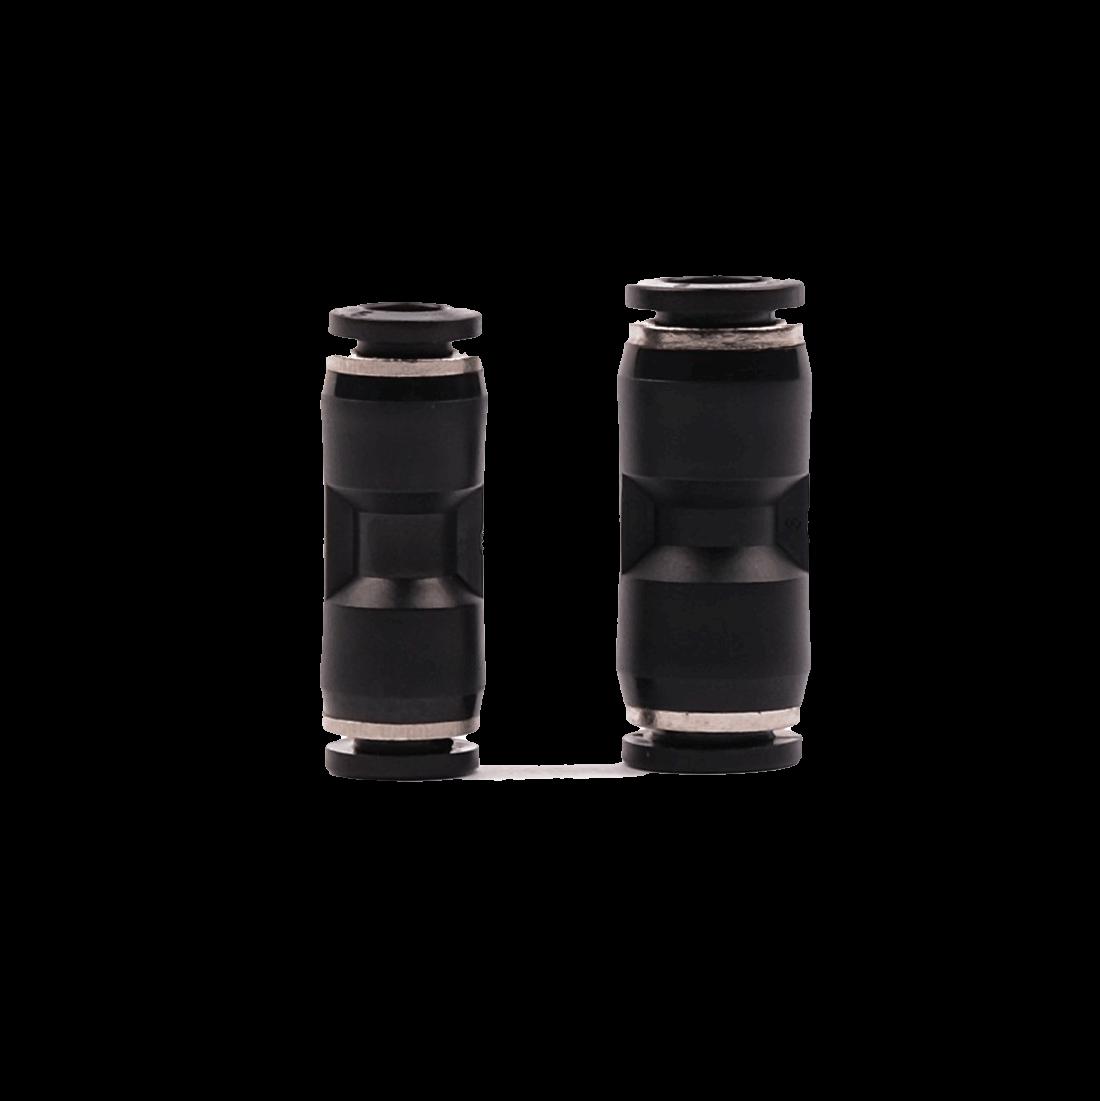 Schlauchadapter für Materialschläuche, 10-8 mm